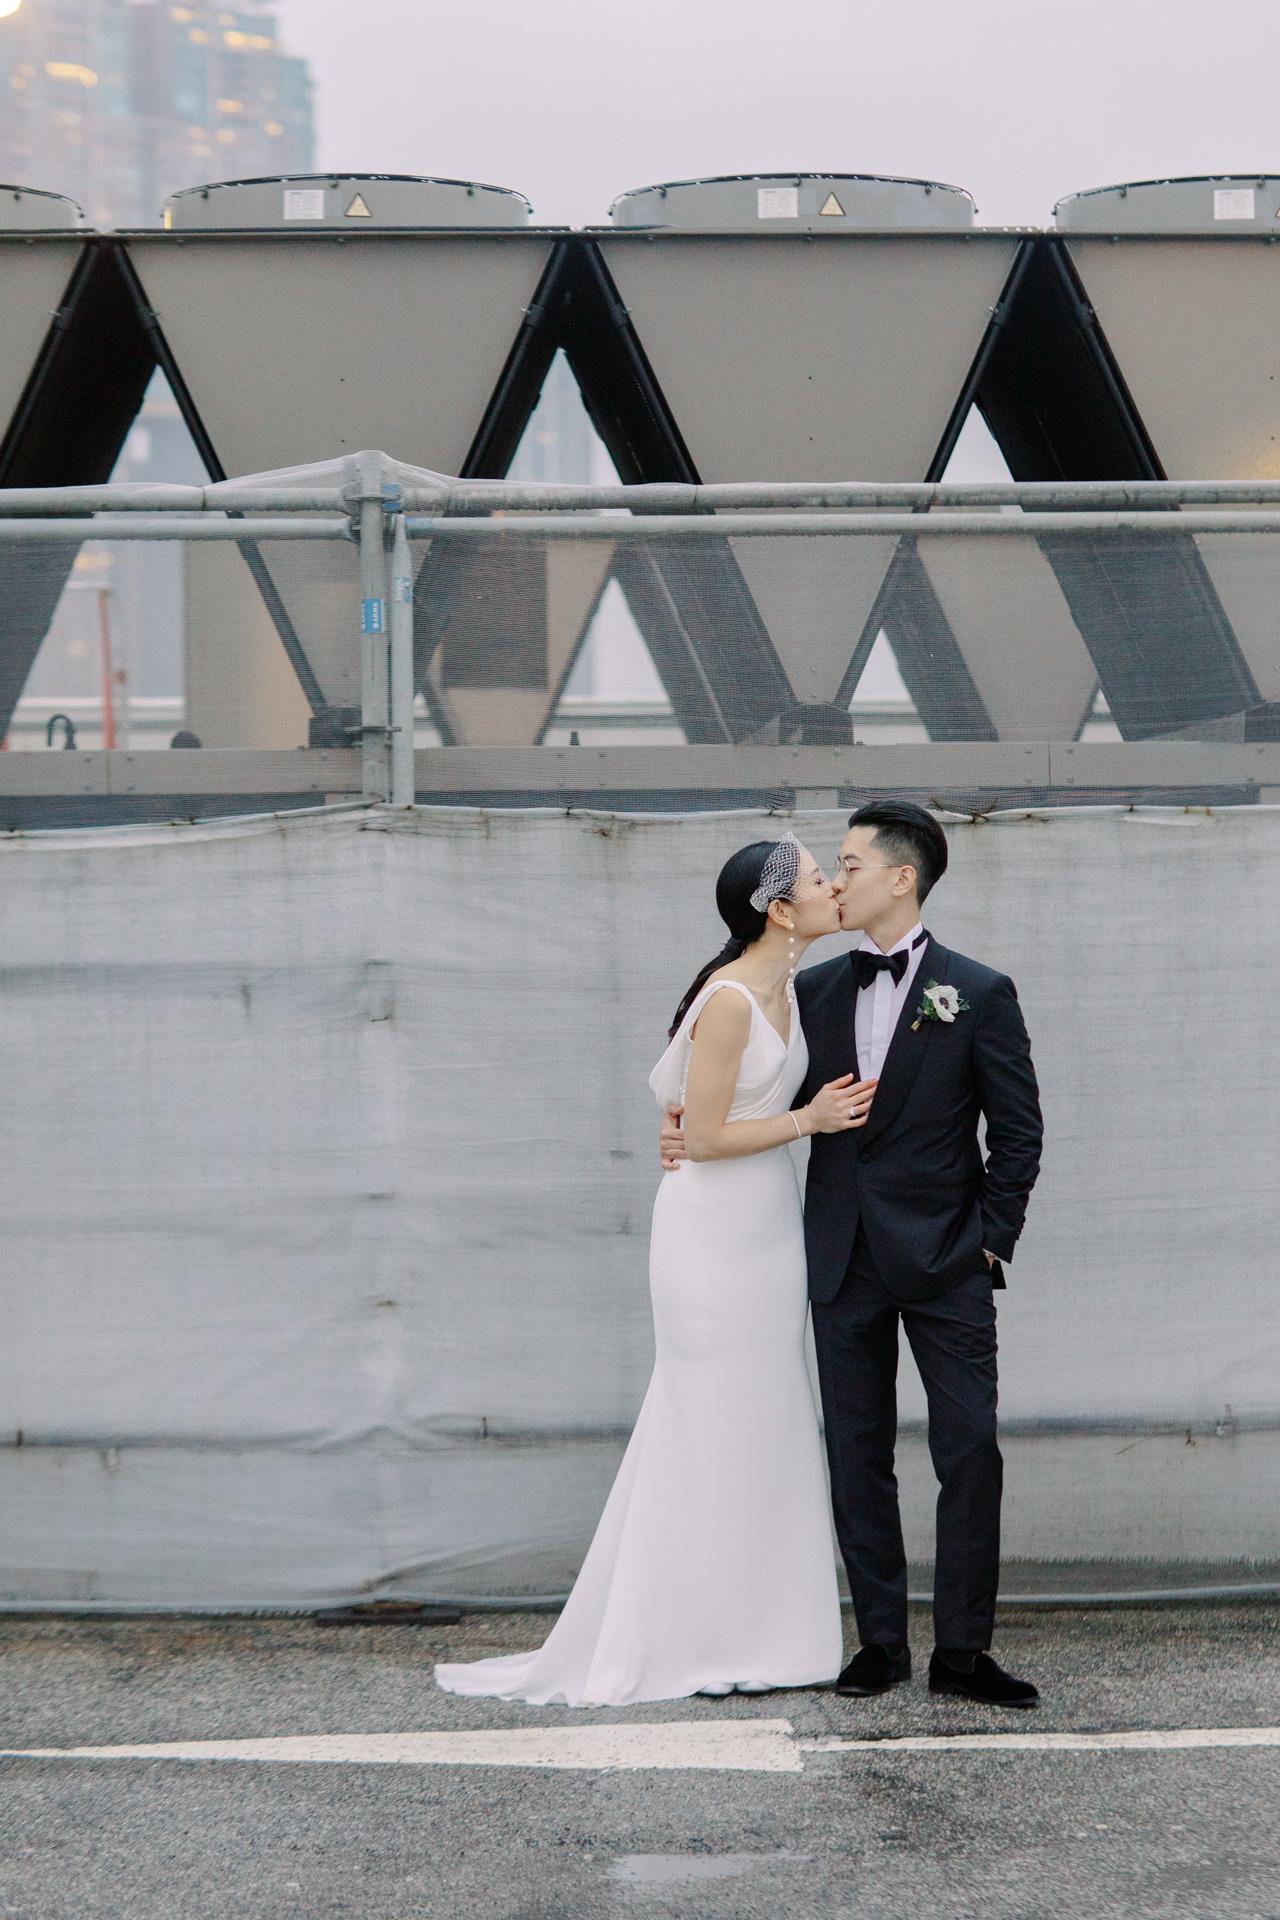 nikkiloveu-hongkong-wedding-day-hexa-ant-cat-lauhaus-028.jpg